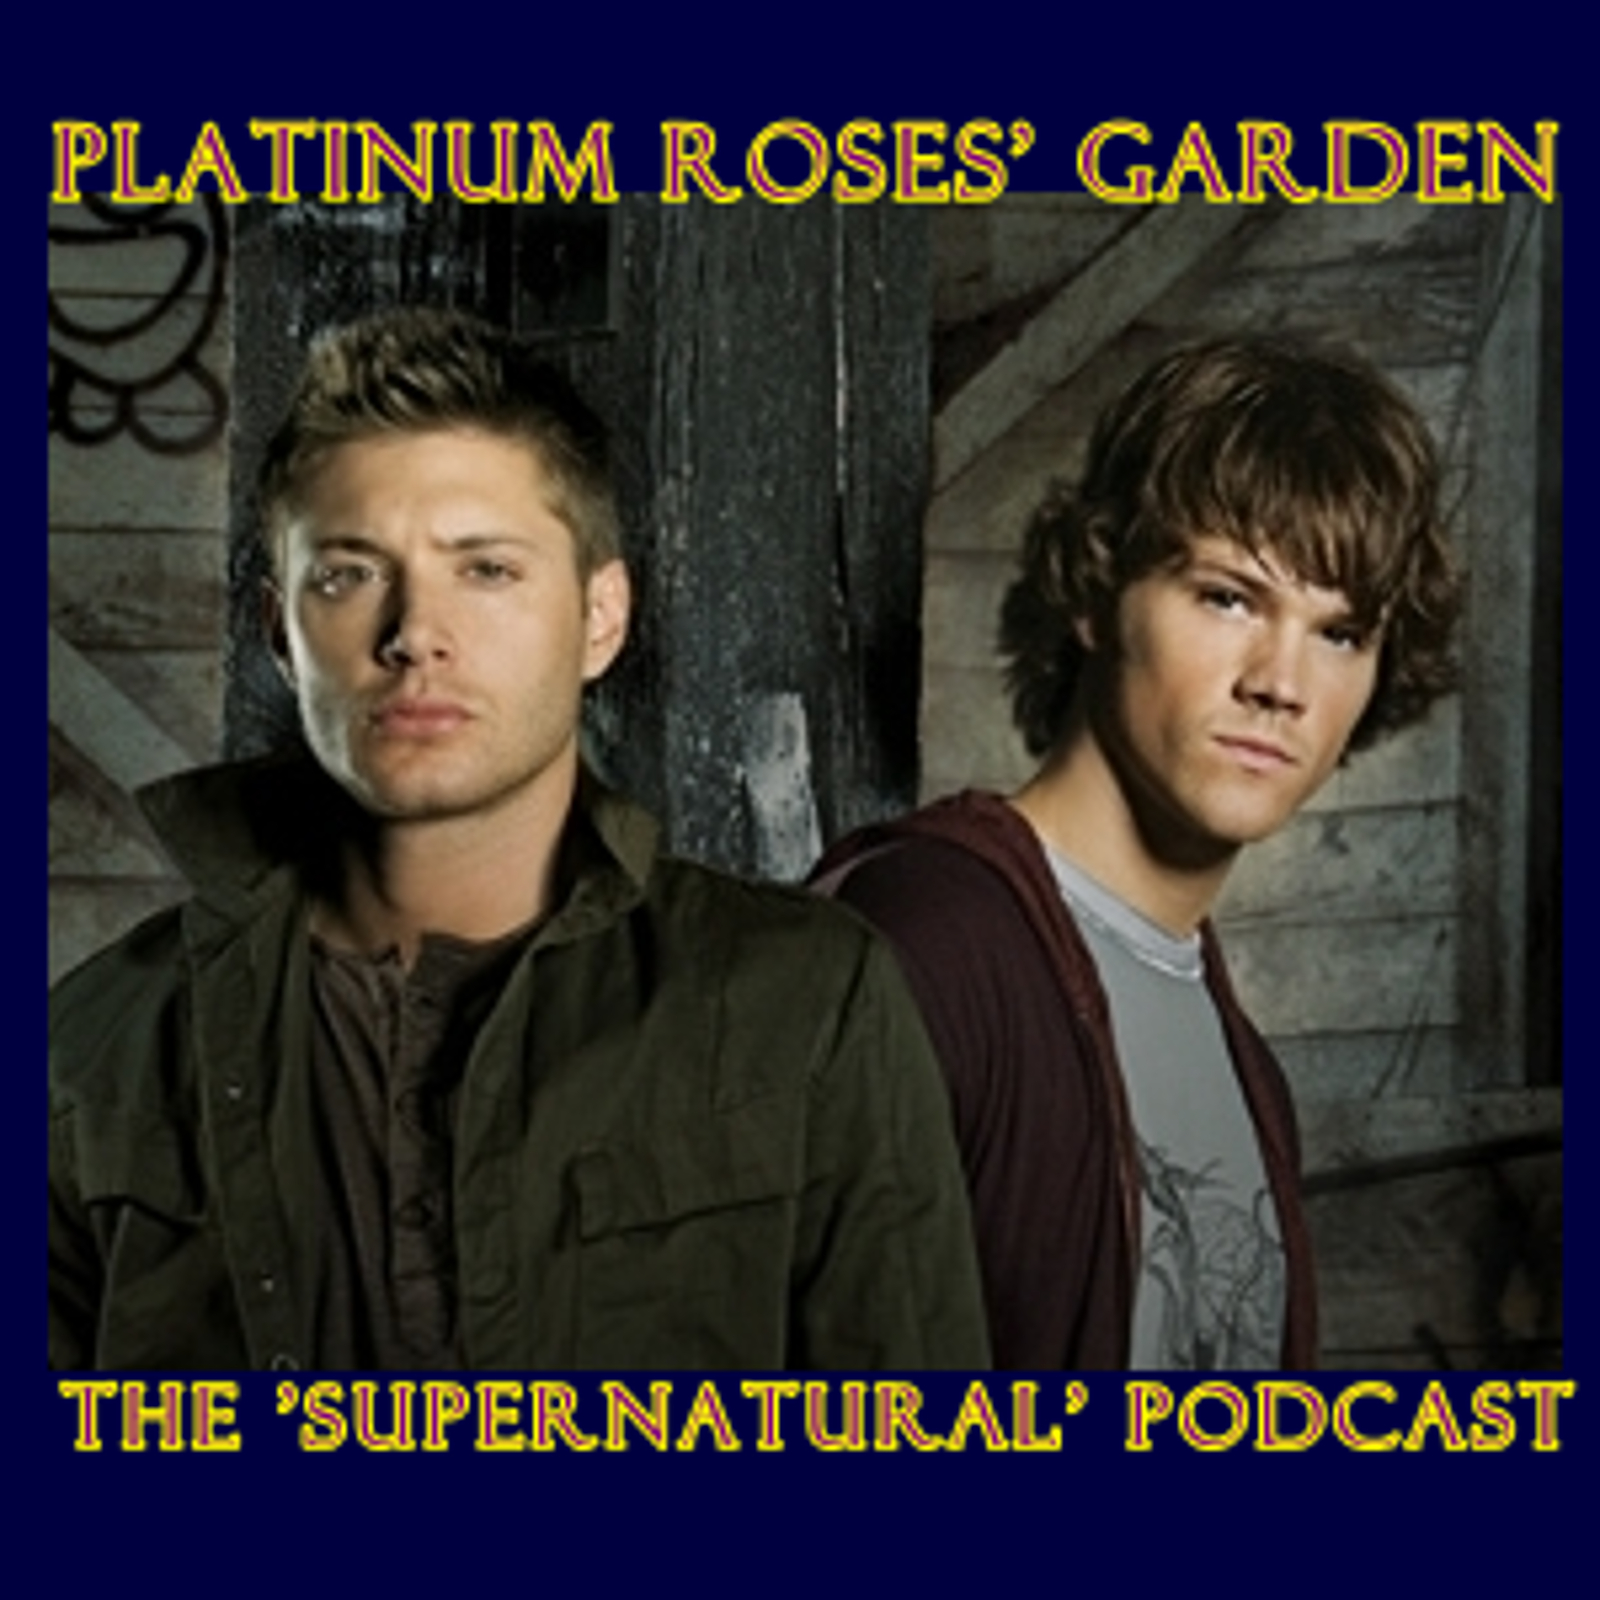 Artwork for Platinum Roses' Garden - October 10, 2010